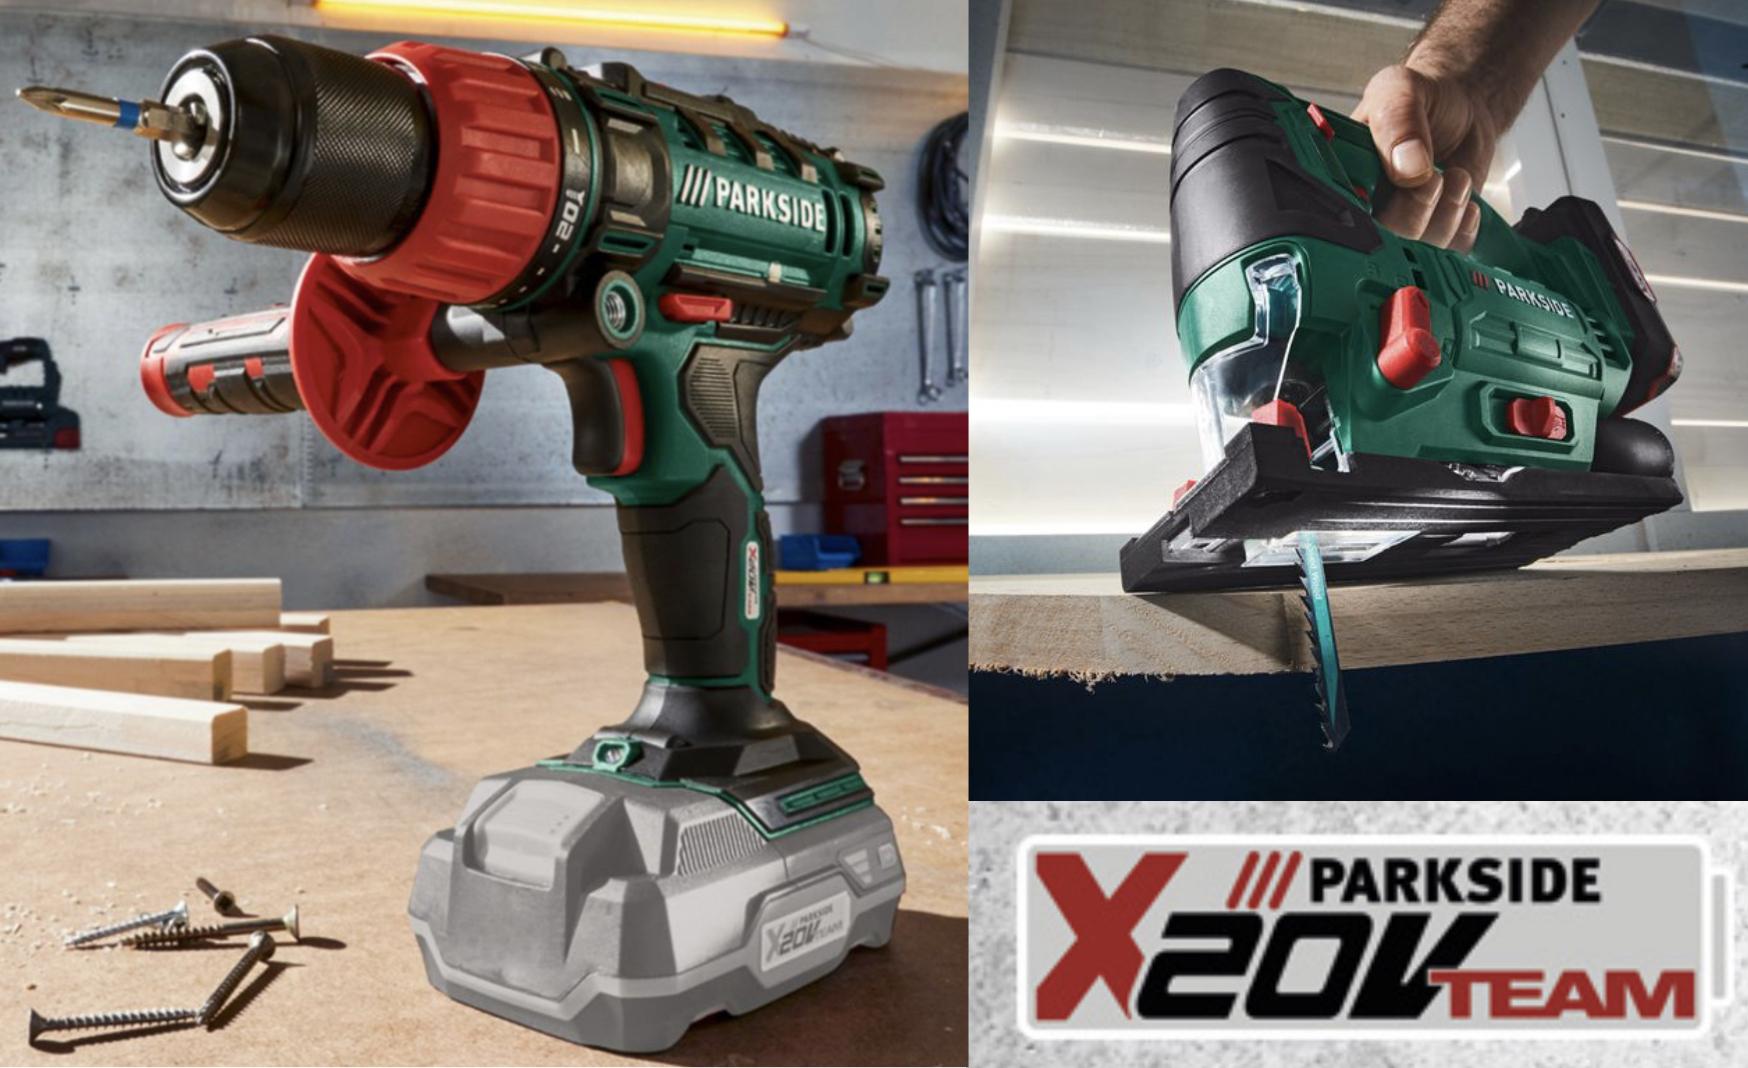 1 Akku für alles Werkzeug bei Lidl: Schlagbohrschrauber für 34,99€ / Pendelhub-Stichsäge für 34,99€ / Handkreissäge für 39,99€ usw.